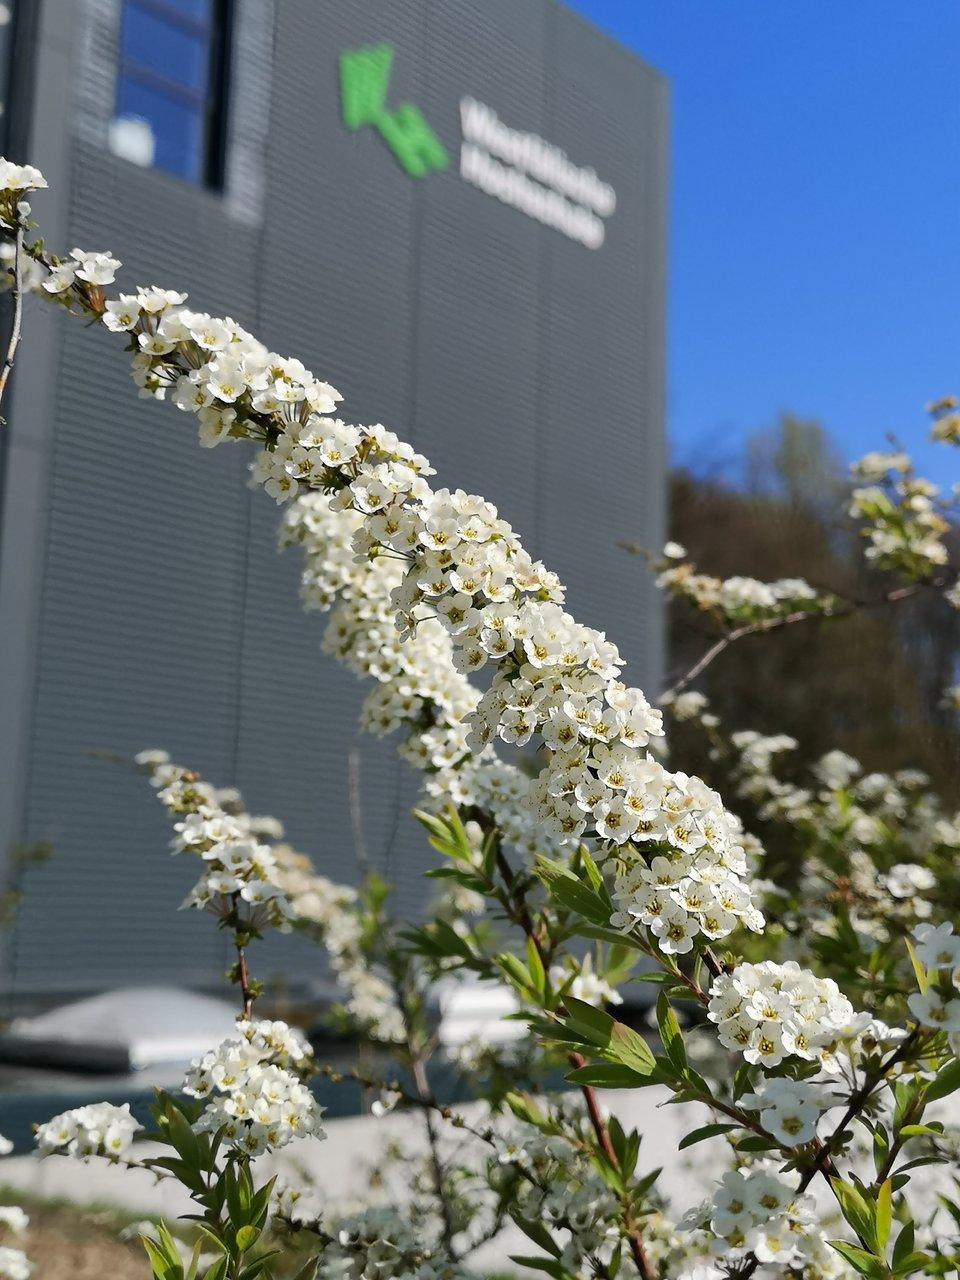 Ansicht eines Universitätsgebäudes im Frühling mit Blumen.